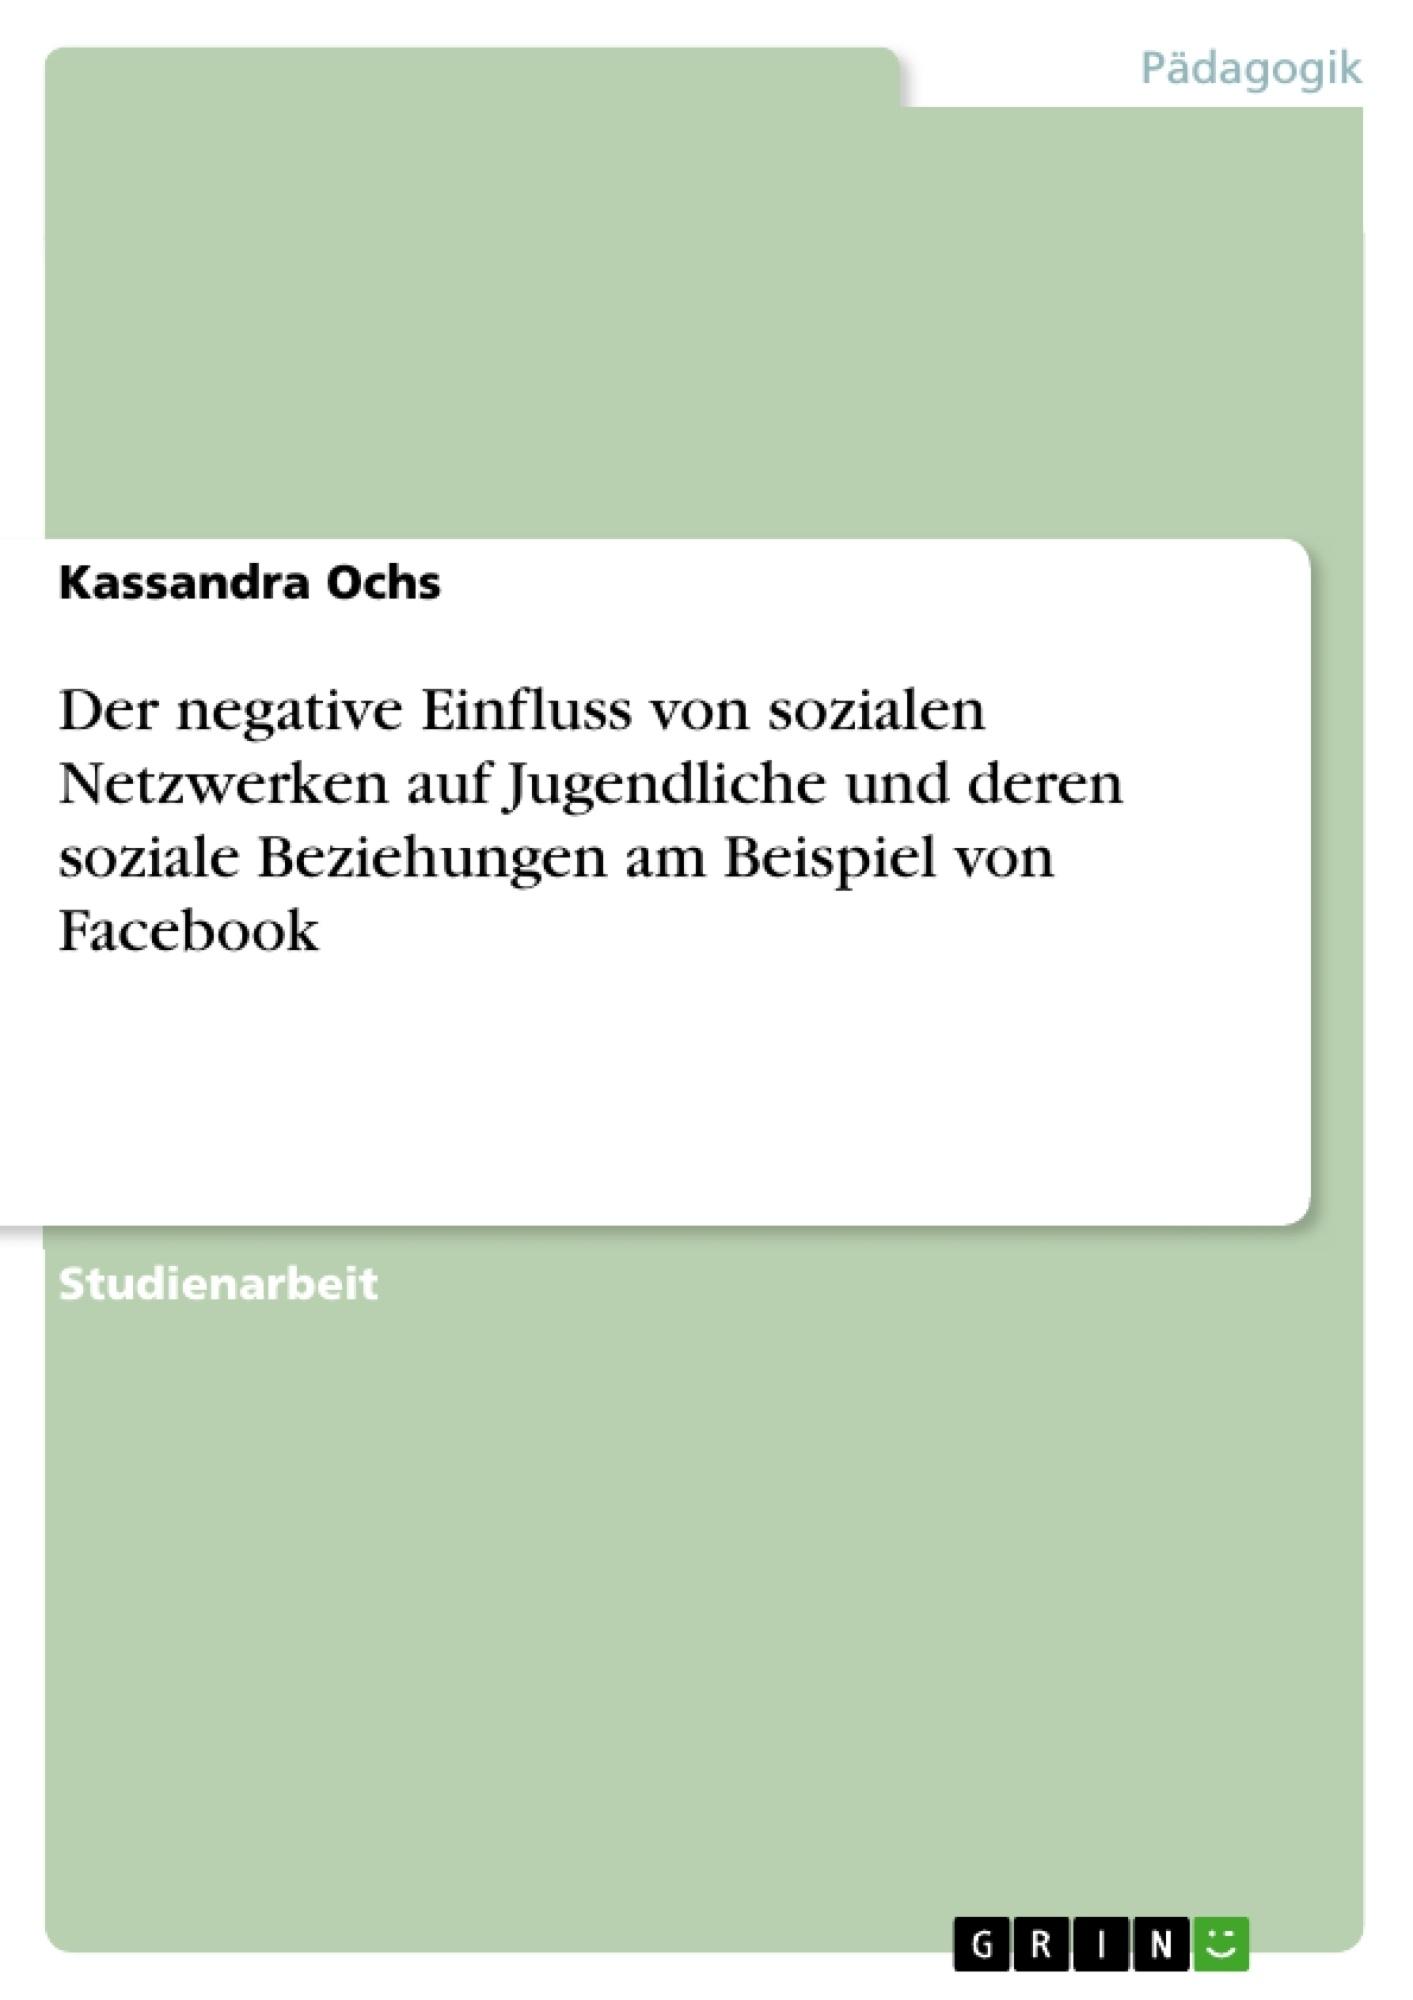 Titel: Der negative Einfluss von sozialen Netzwerken auf Jugendliche und deren soziale Beziehungen am Beispiel von Facebook